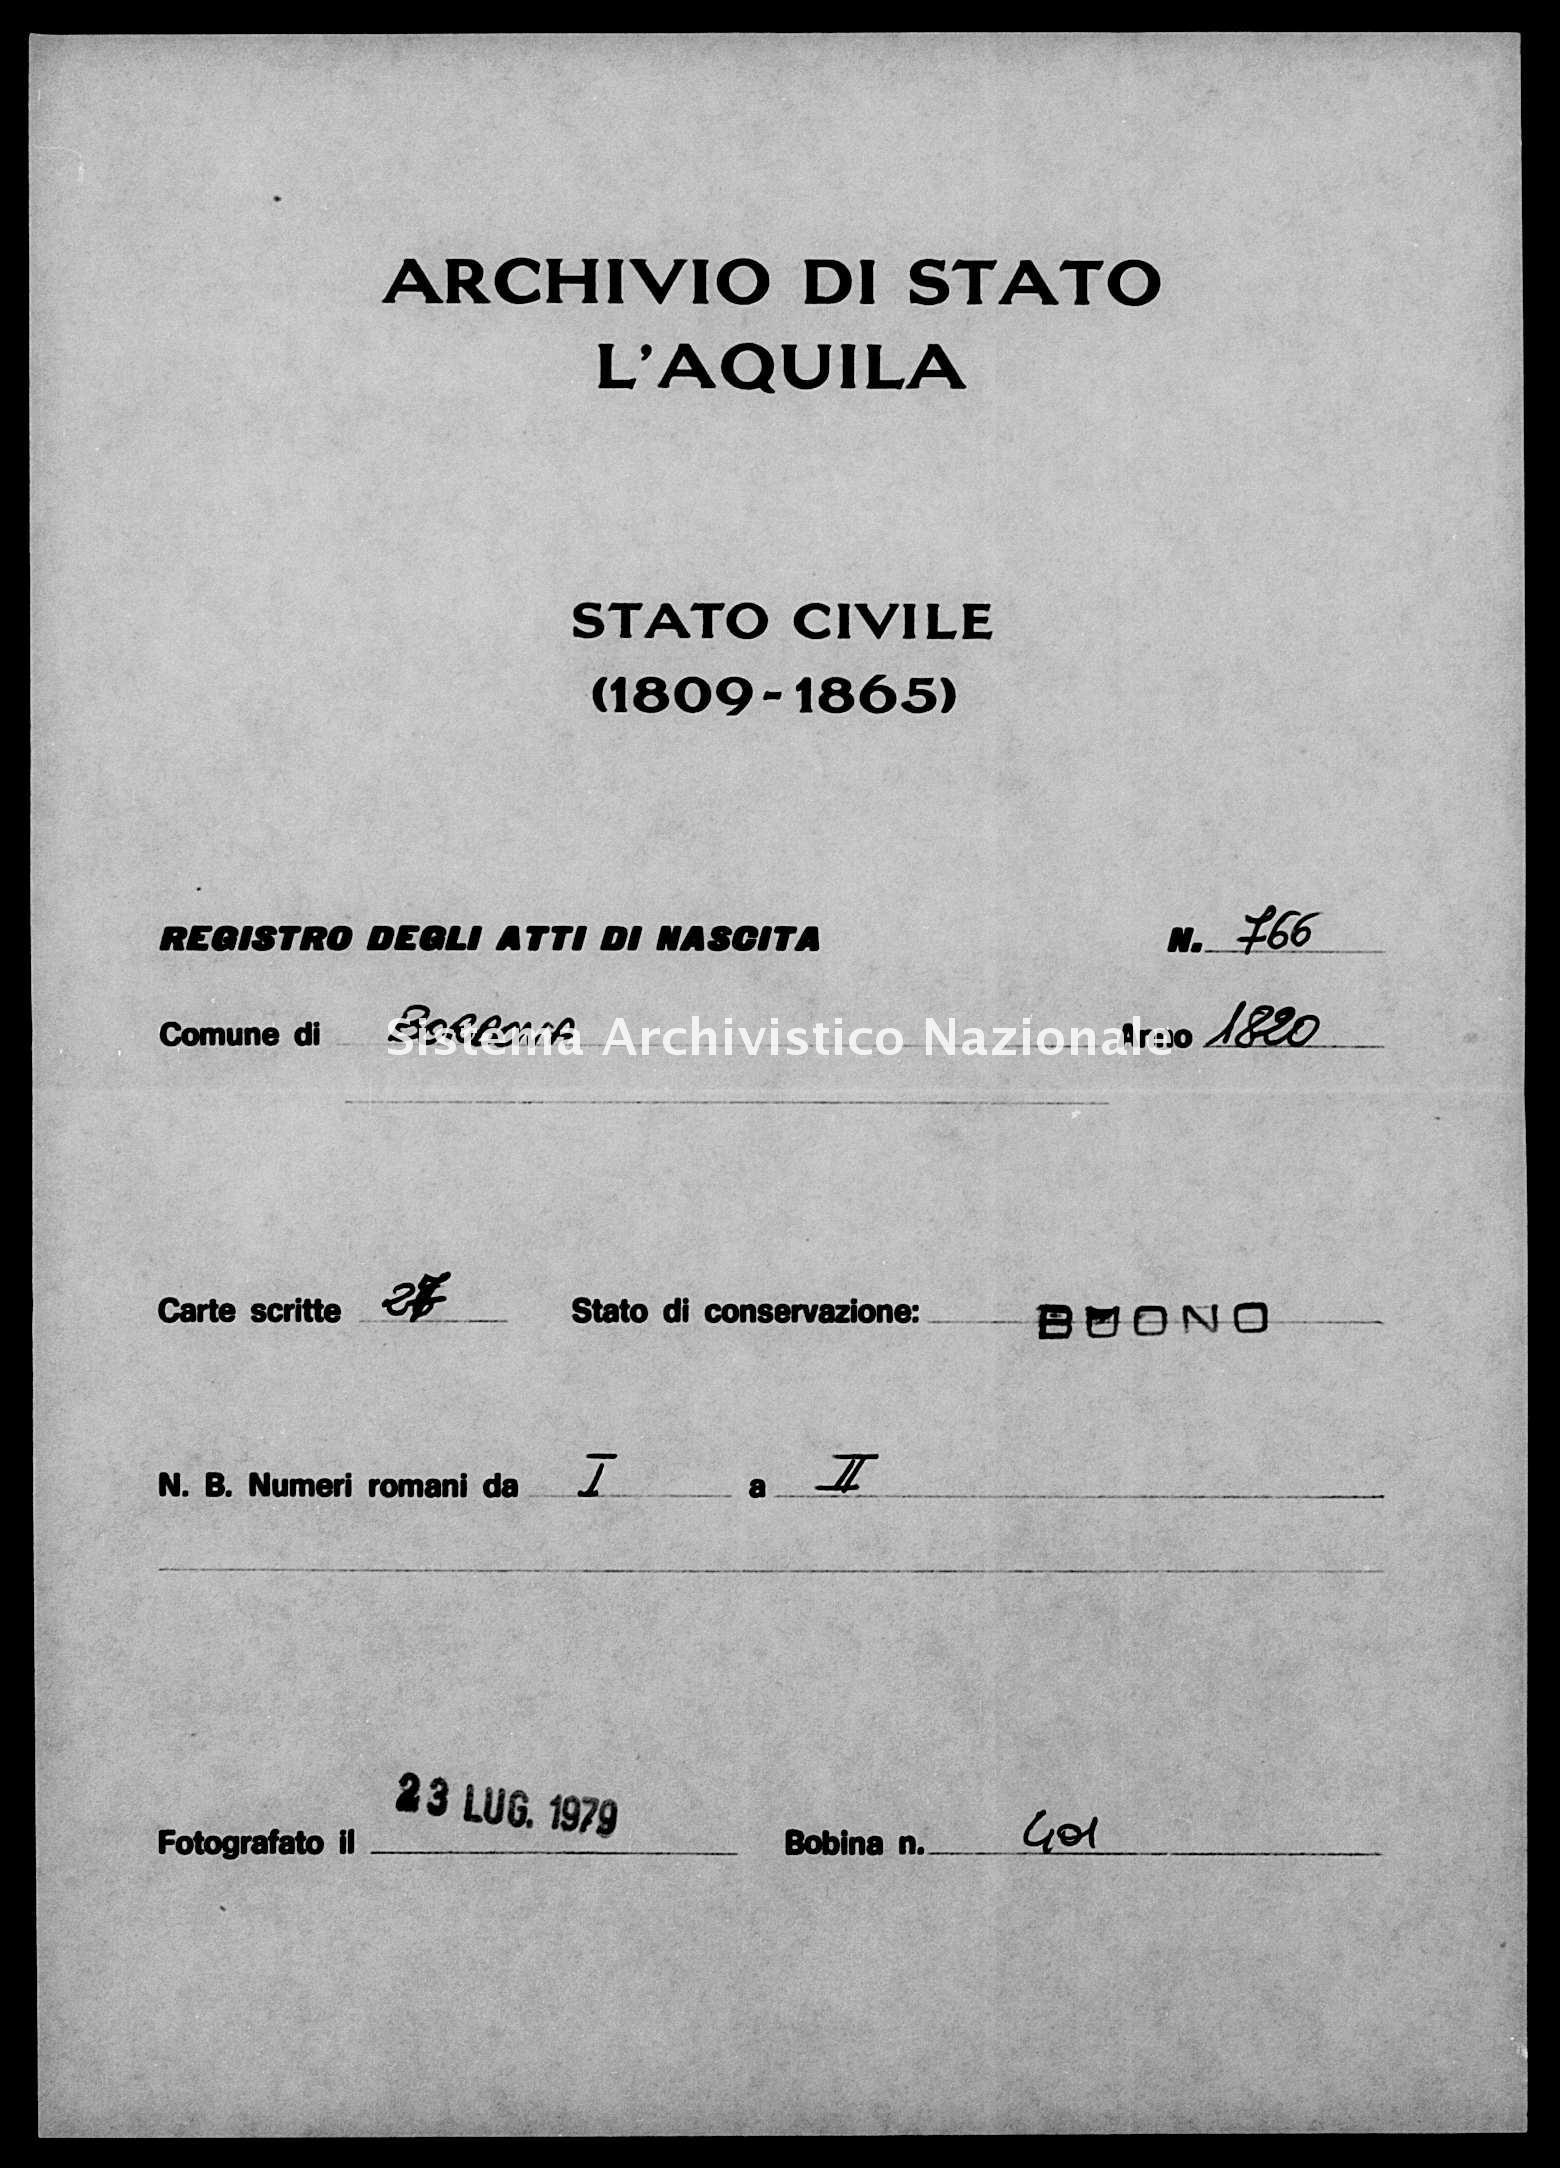 Archivio di stato di L'aquila - Stato civile della restaurazione - Borbona - Nati - 1820 - 766 -